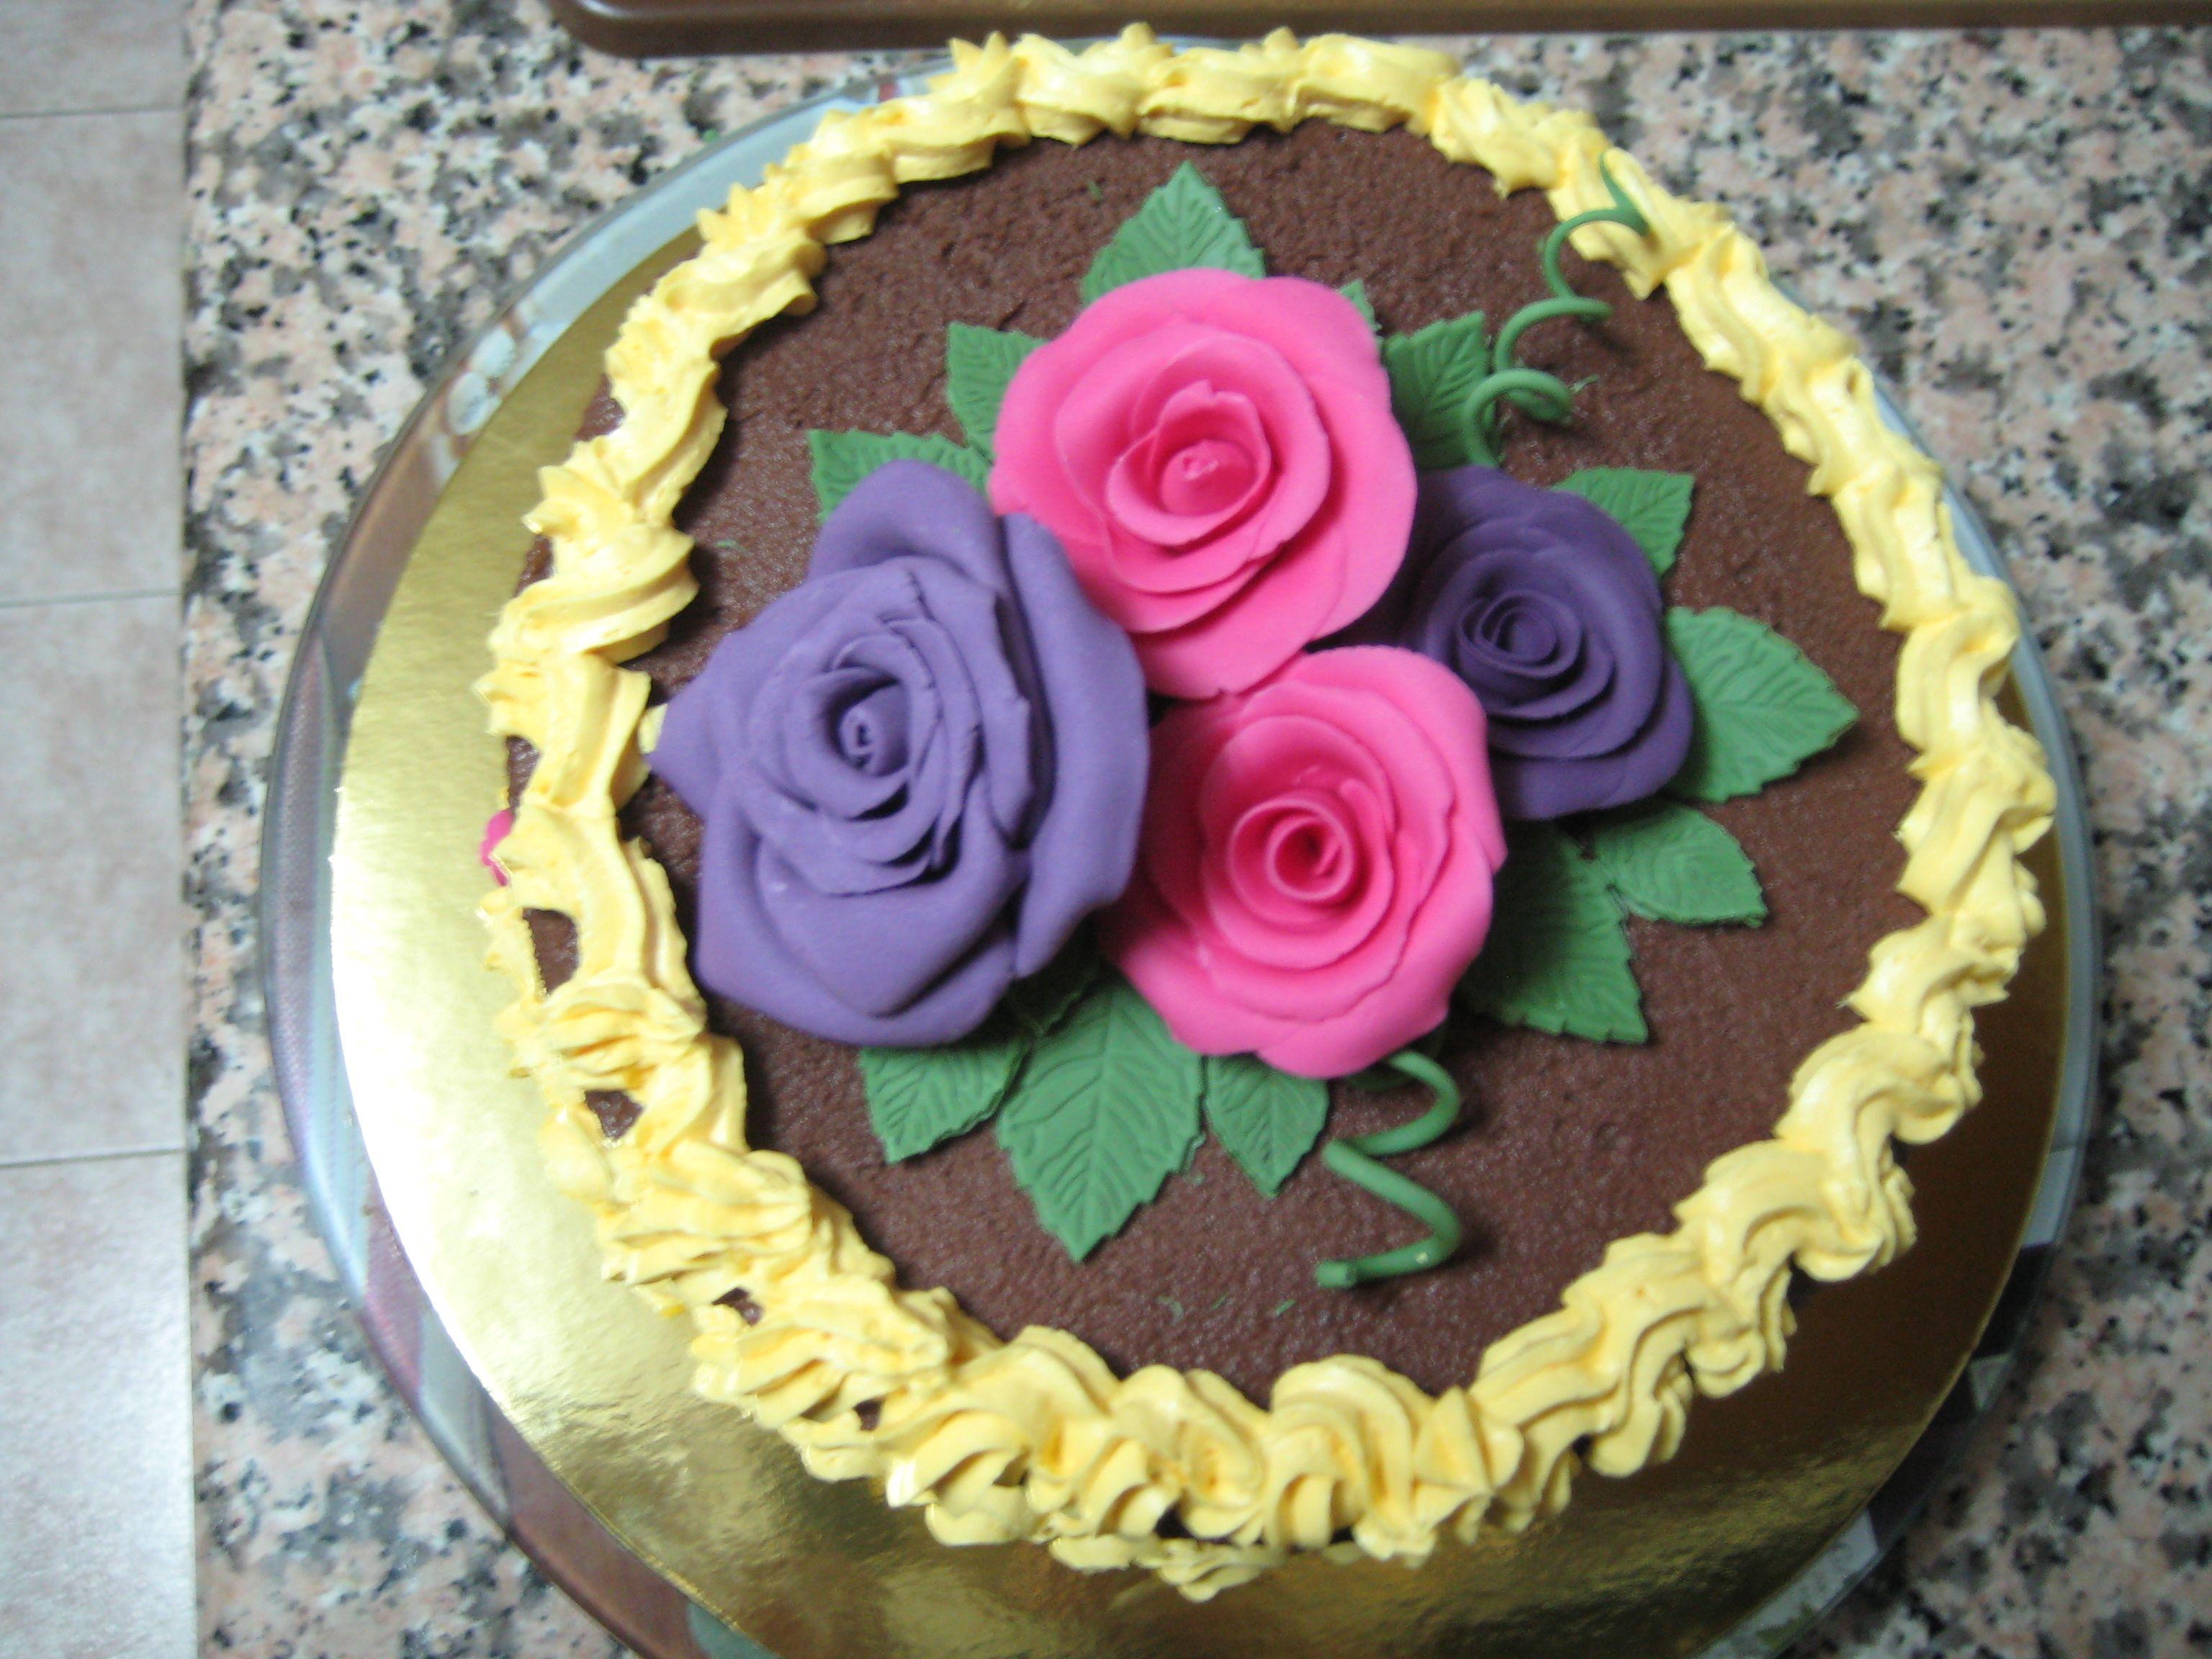 Tarta para el día de la madre desde arriba con bouquet de Rosas.